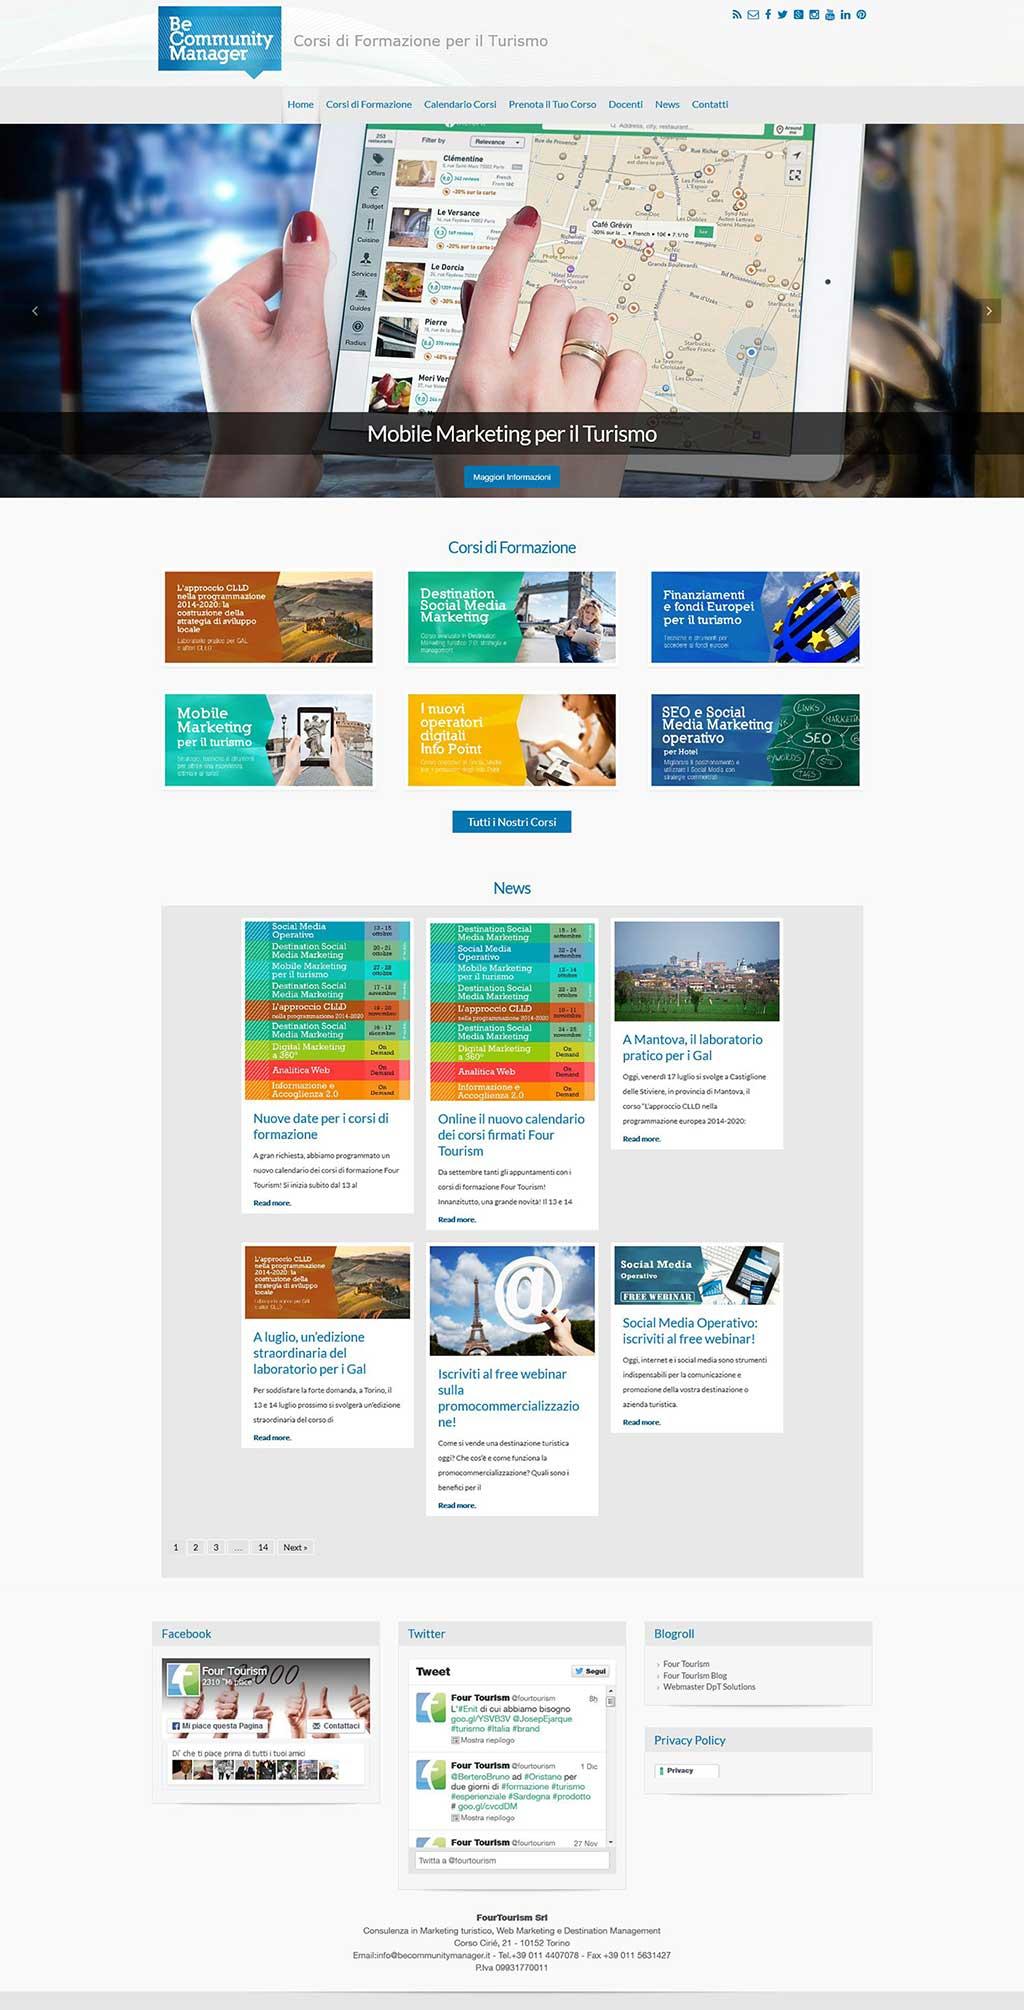 Be Community Manager sito Corsi di Formazione Four Tourism